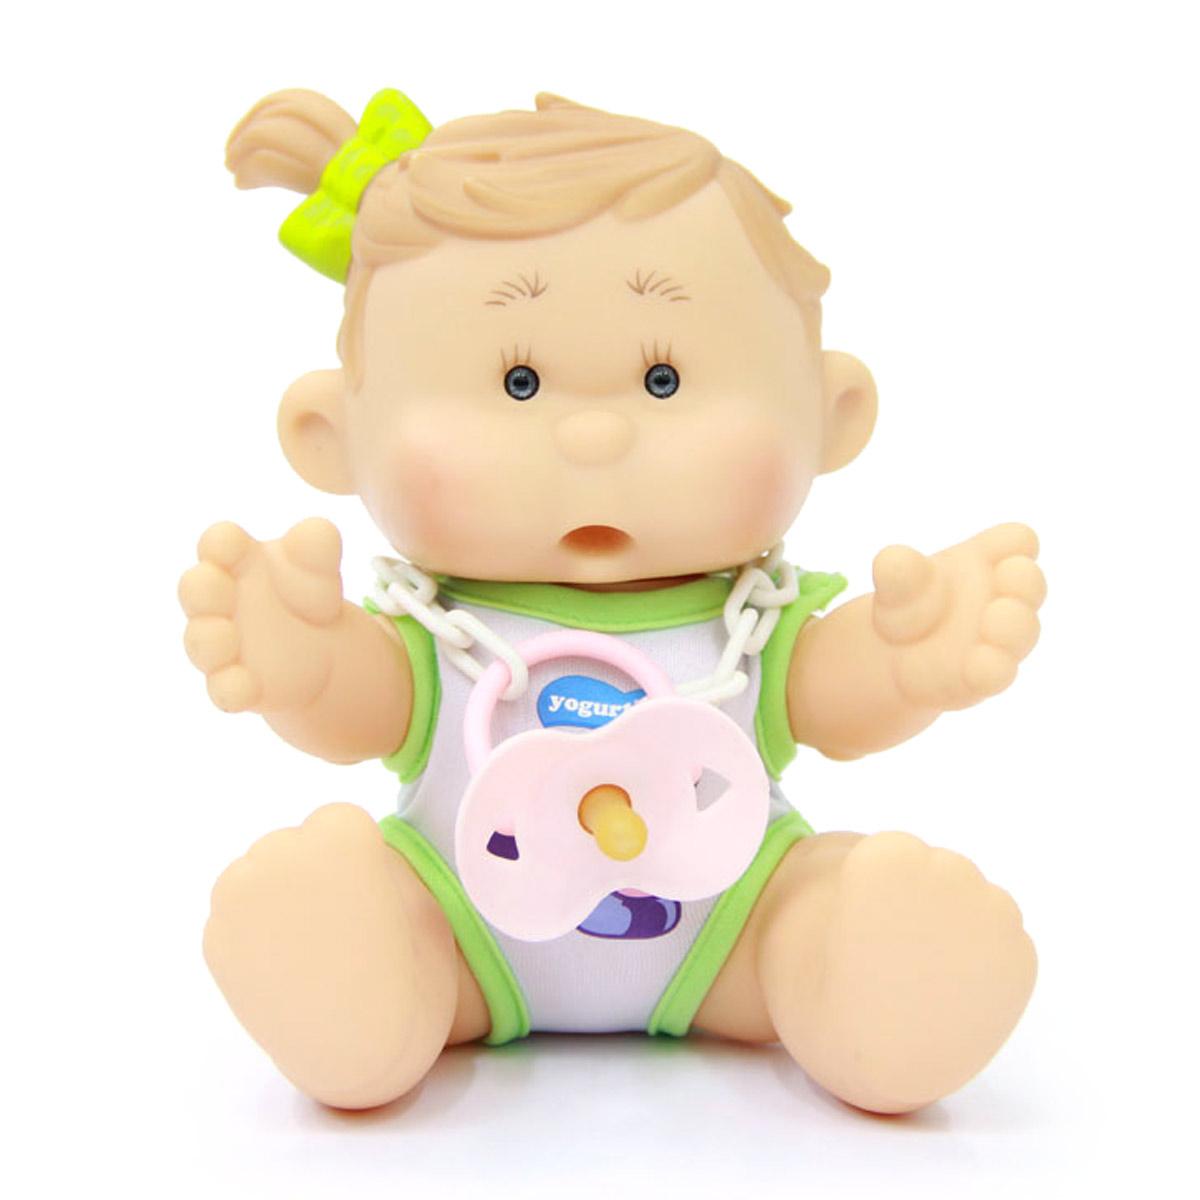 Yogurtinis Пупс Мила Слива15002-5Кукла-пупс Yogurtinis Мила Слива - порадует вашу малышку и доставит ей много удовольствия от часов, посвященных игре с ней. Пупс - симпатичная и ароматизированная игрушка, от которой исходит приятный и ненавязчивый аромат сливы. На шее у Милы имеется соска на пластиковой цепочке, которую можно вставить в ротик пупсу. Кукла выполнена из резины, что позволяет брать ее с собой во время купания или же просто искупать отдельно. Части тела у пупсика подвижные, поэтому он может принимать разнообразные положения. Пупс упакован в пластиковую фирменную баночку. Каждая девочка сможет подобрать себе пупса Yogurtinis, ориентируясь на свои «фруктовые» предпочтения. Игра с куклой разовьет в вашей малышке чувство ответственности и заботы. Порадуйте свою принцессу таким великолепным подарком.